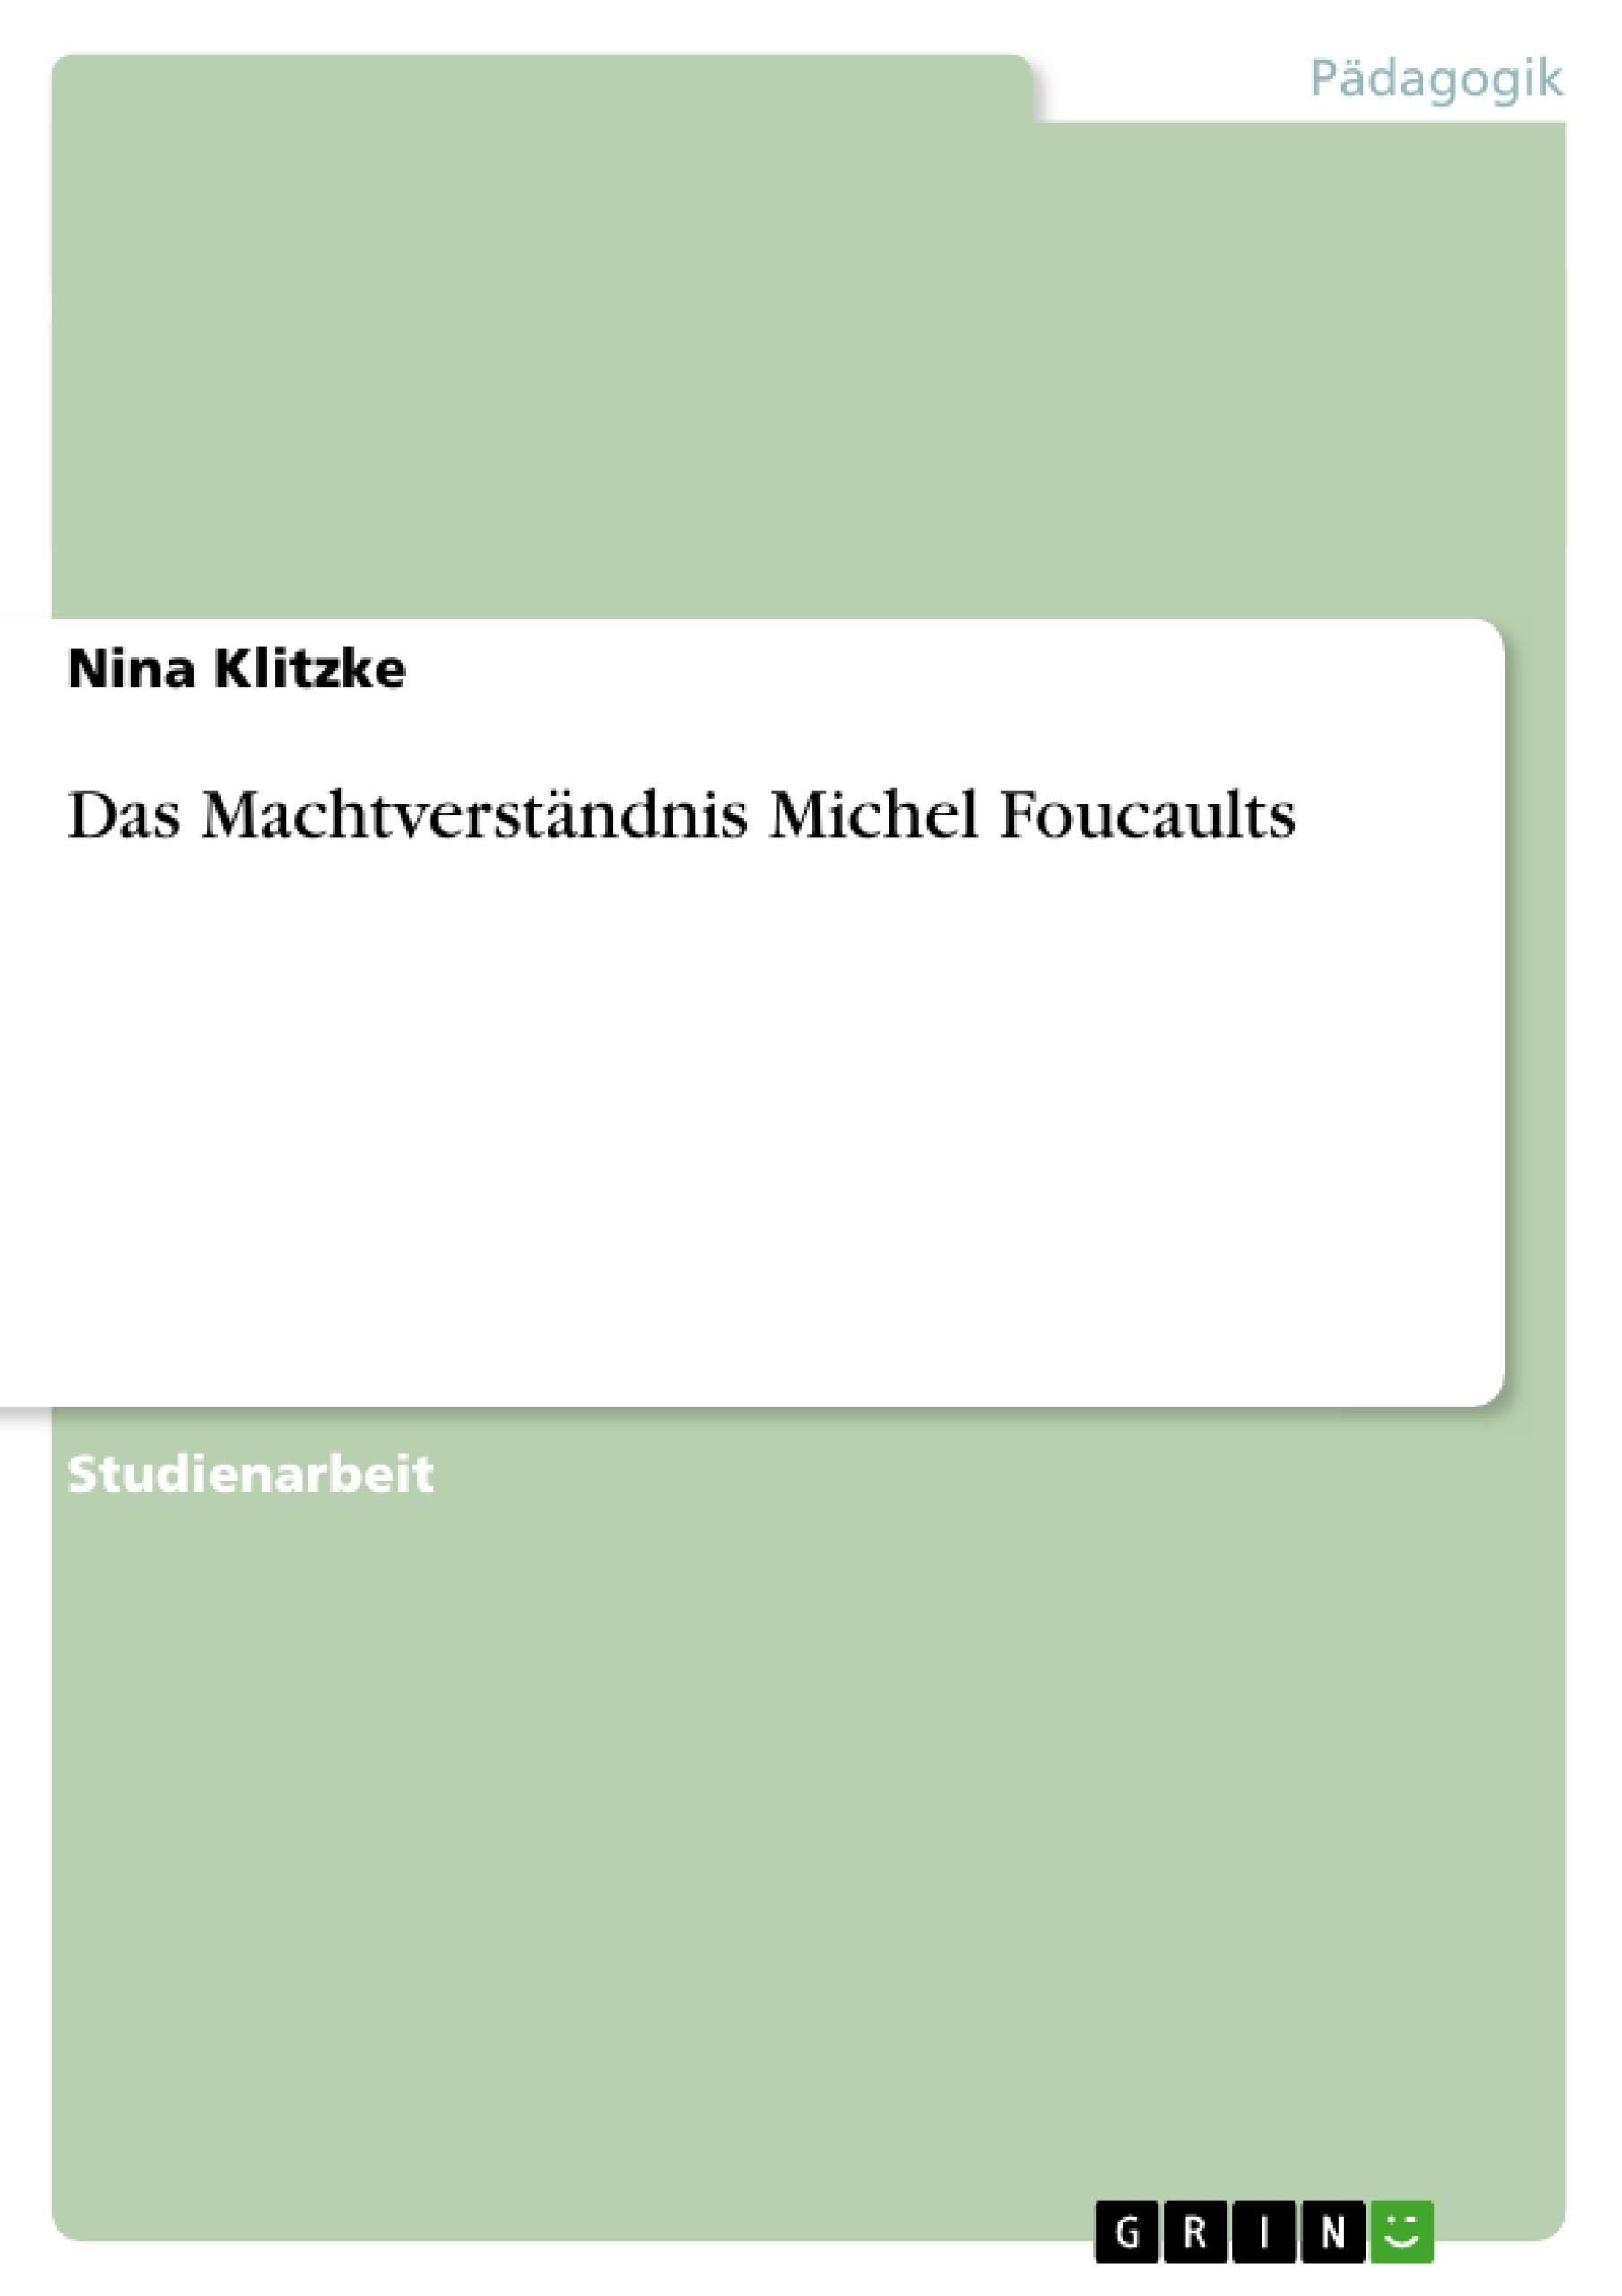 Titel: Das Machtverständnis Michel Foucaults